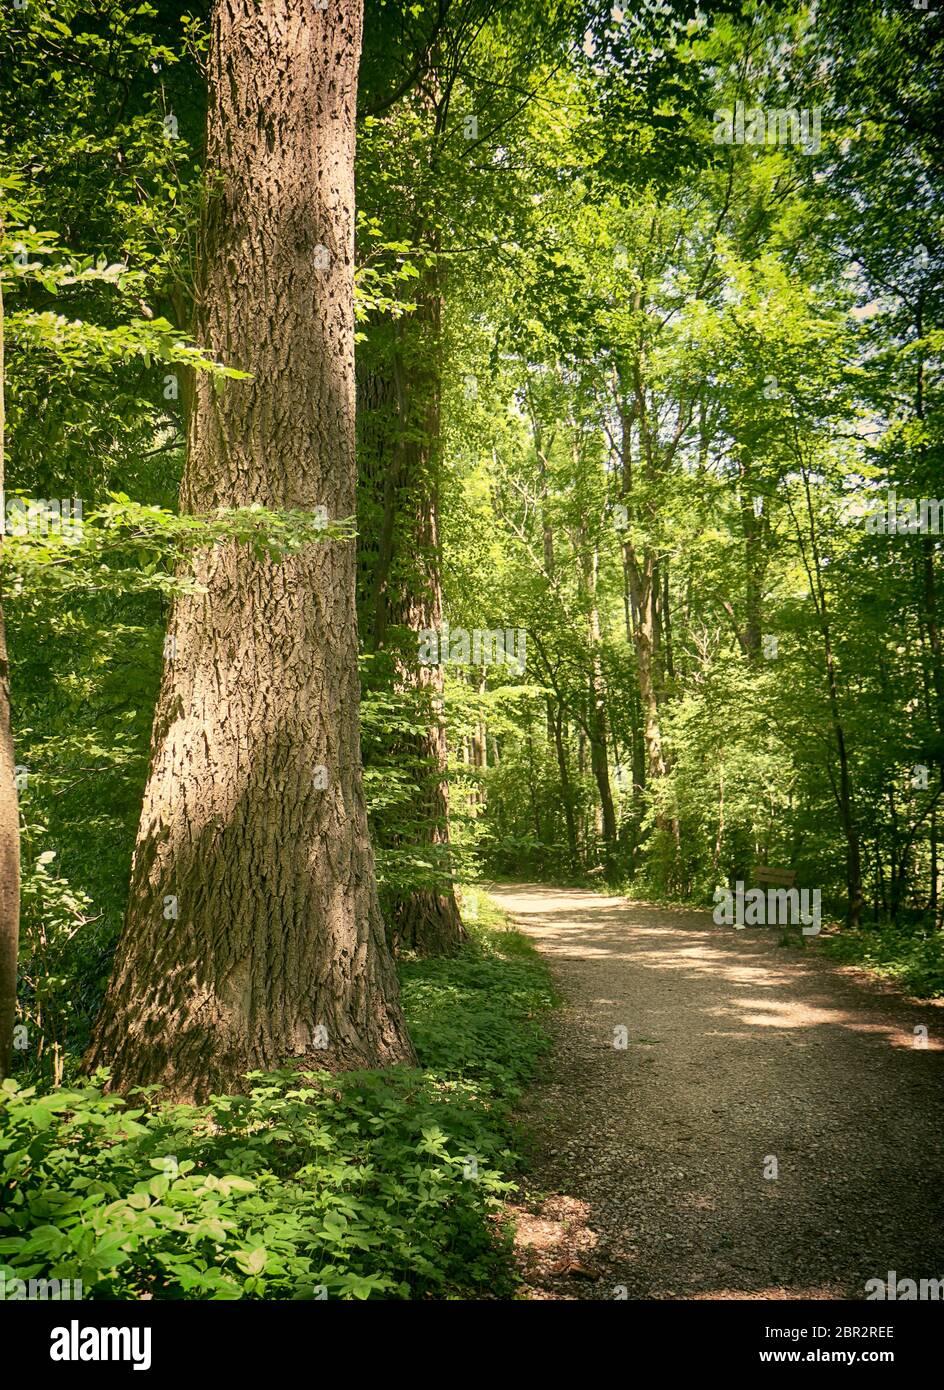 Bavière, Allemagne - chemin parmi les bois au parc national d'Isaraüen, la tache verte dense des arbres le long de la rivière Isar près de Munich, endroit idéal pour marcher, salut Banque D'Images